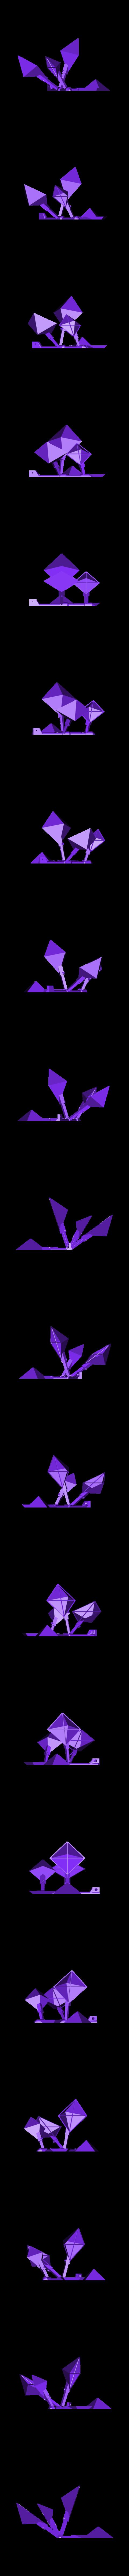 Windrad_V4-a2half.stl Download free STL file Wind Gauge / Windspiel V4 (customizable) • 3D printable object, dede67